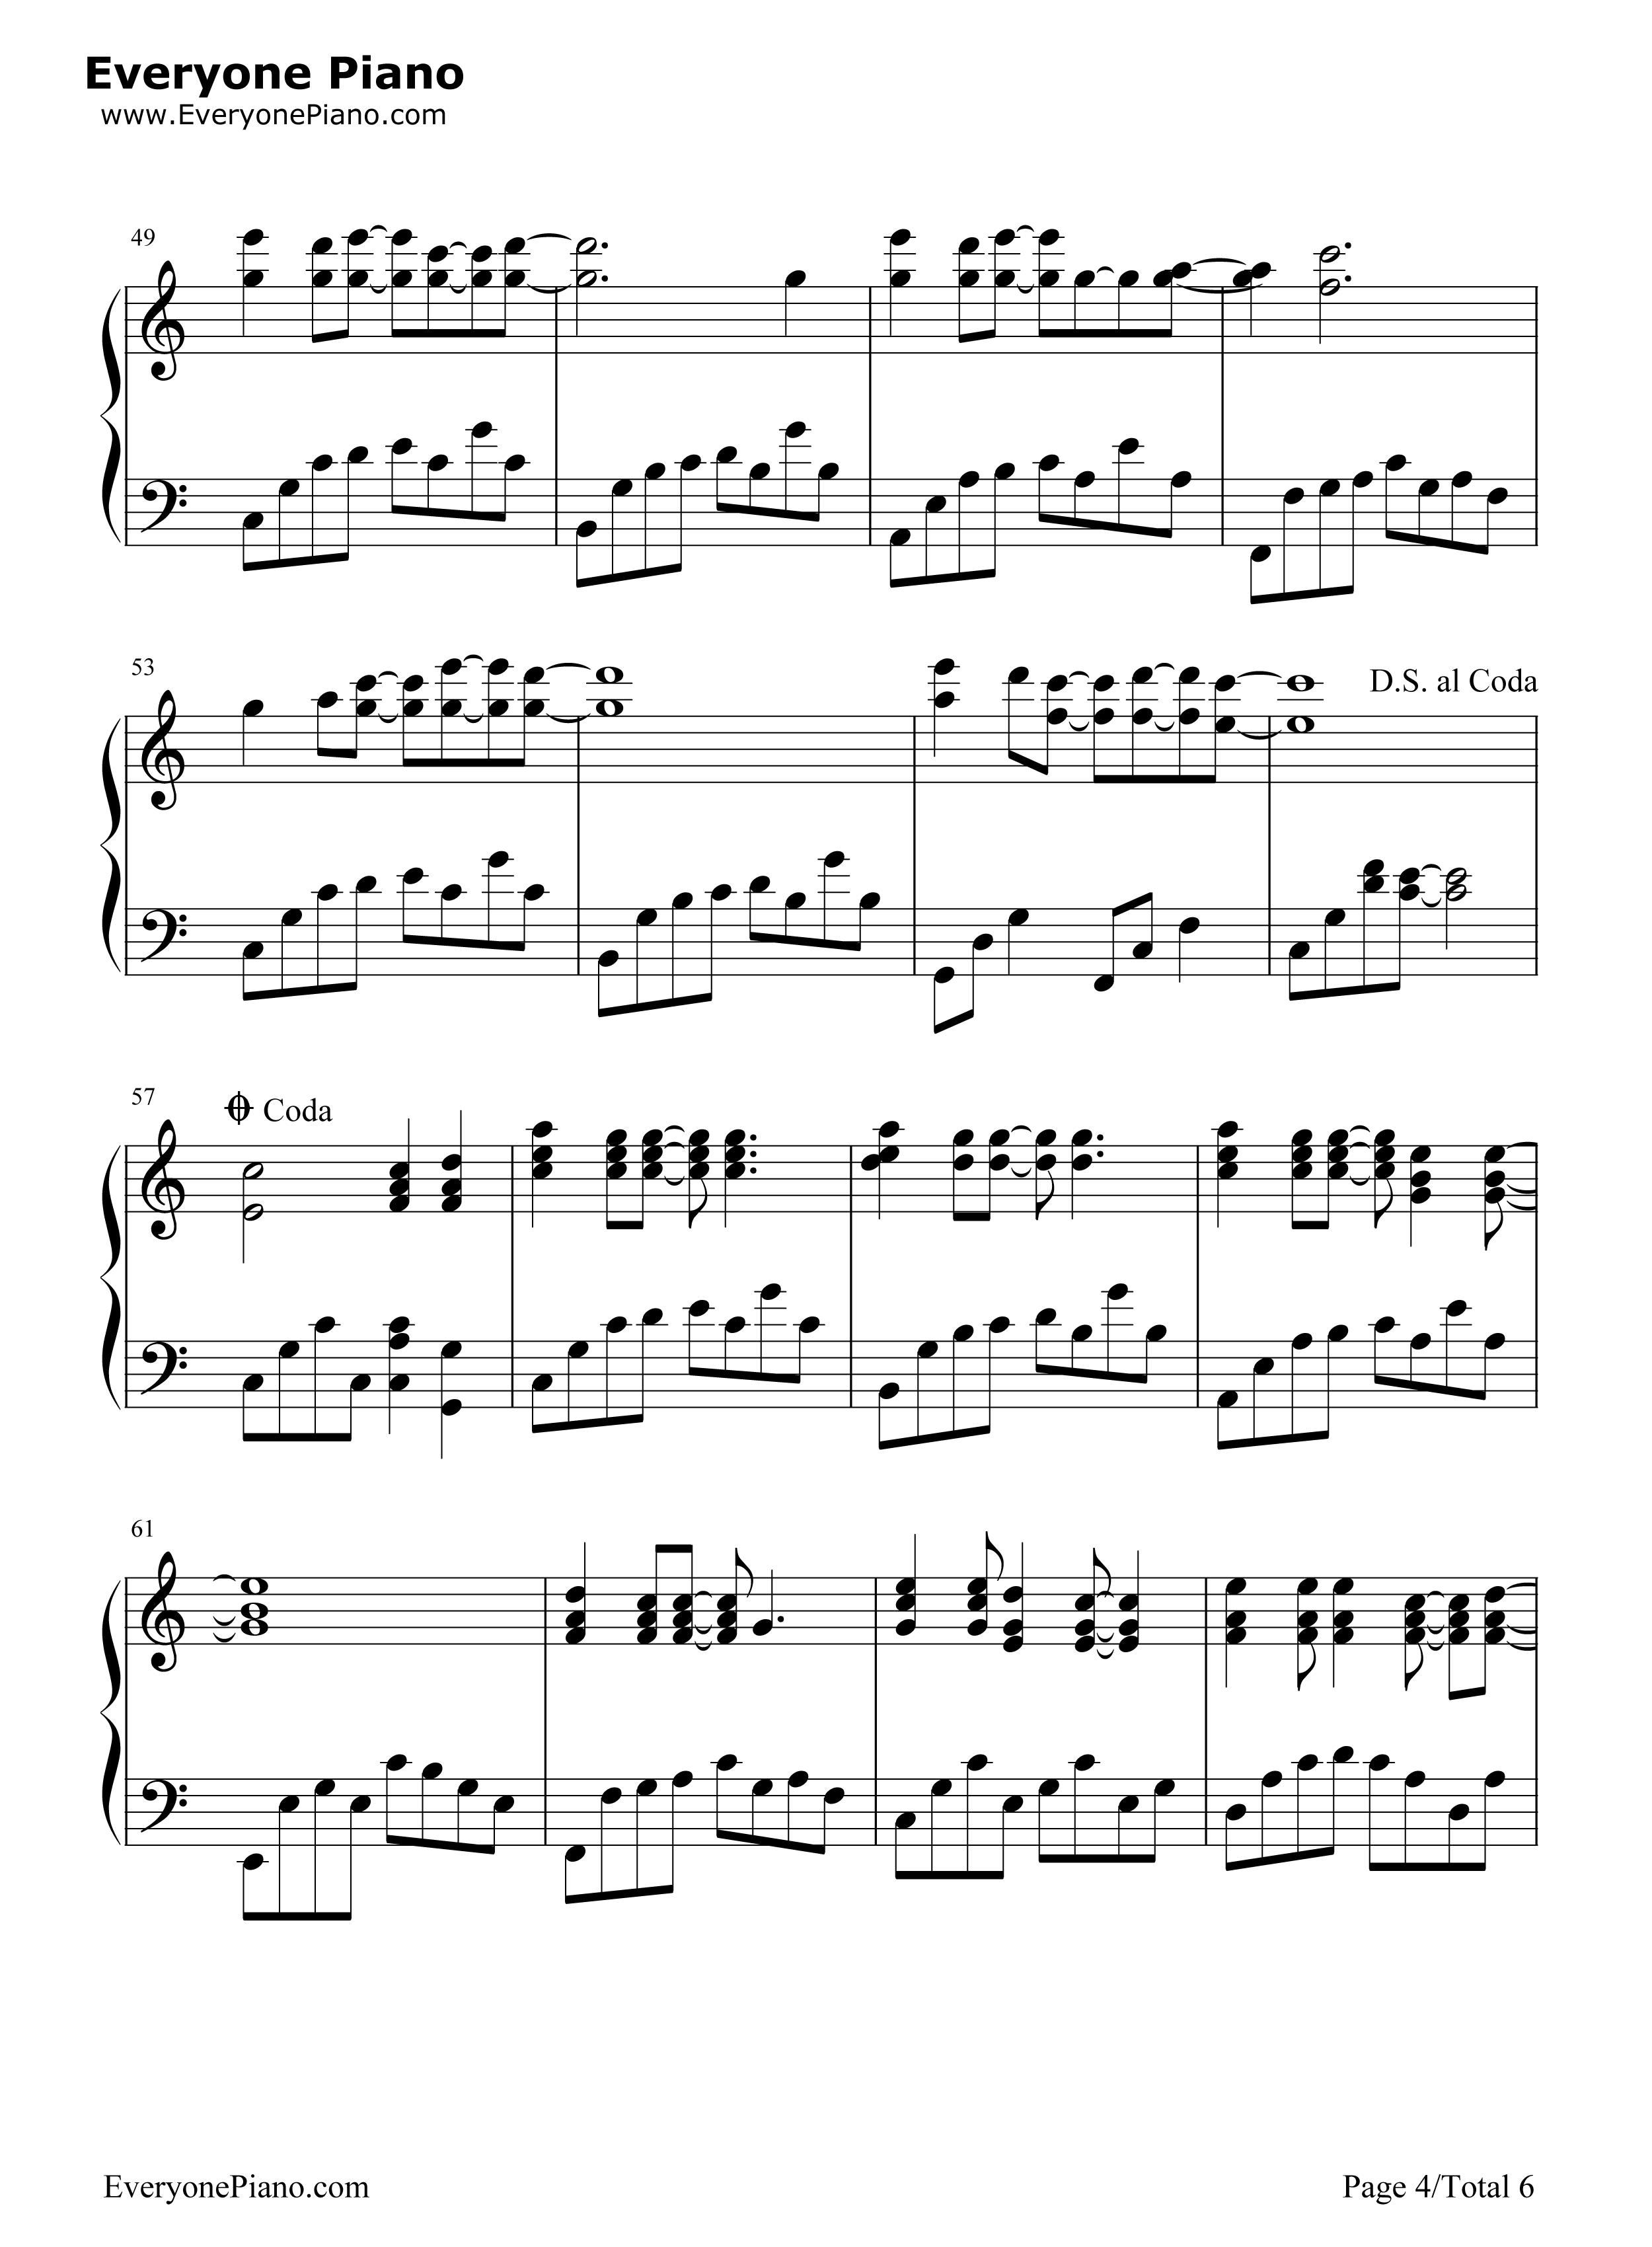 网站首页 钢琴曲谱 流行 那些花儿-朴树 >> 那些花儿-朴树五线谱预览4